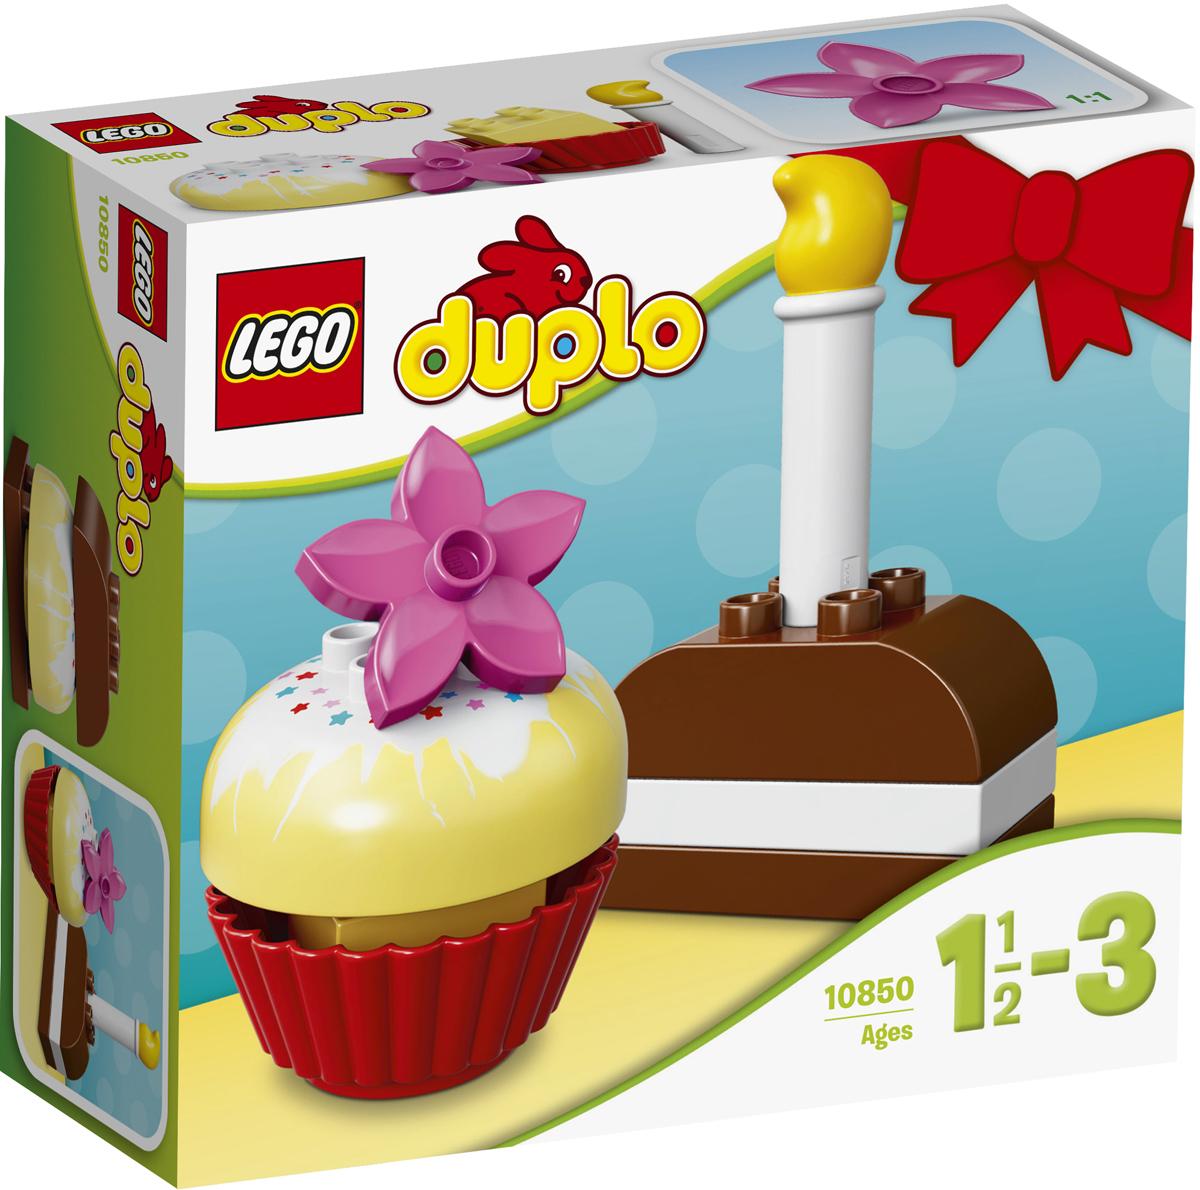 LEGO DUPLO Конструктор Мои первые пирожные 1085010850Посмотрите, сколько пирожных ваш ребенок может собрать для дня рождения или просто для угощения! Малышам понравится находить разные комбинации, при этом они будут развивать свои творческие навыки и мелкую моторику. Этот набор прекрасно подходит для игры в кафе, составления рецептов и обучения конструированию. Крупные кубики LEGO DUPLO специально сконструированы так, чтобы они были безопасны и удобны для маленьких ручек. Набор включает в себя 8 разноцветных пластиковых элементов. Конструктор станет замечательным сюрпризом вашему ребенку, который будет способствовать развитию мелкой моторики рук, внимательности, усидчивости и мышления. Играя с конструктором, ребенок научится собирать детали по образцу, проводить время с пользой и удовольствием.